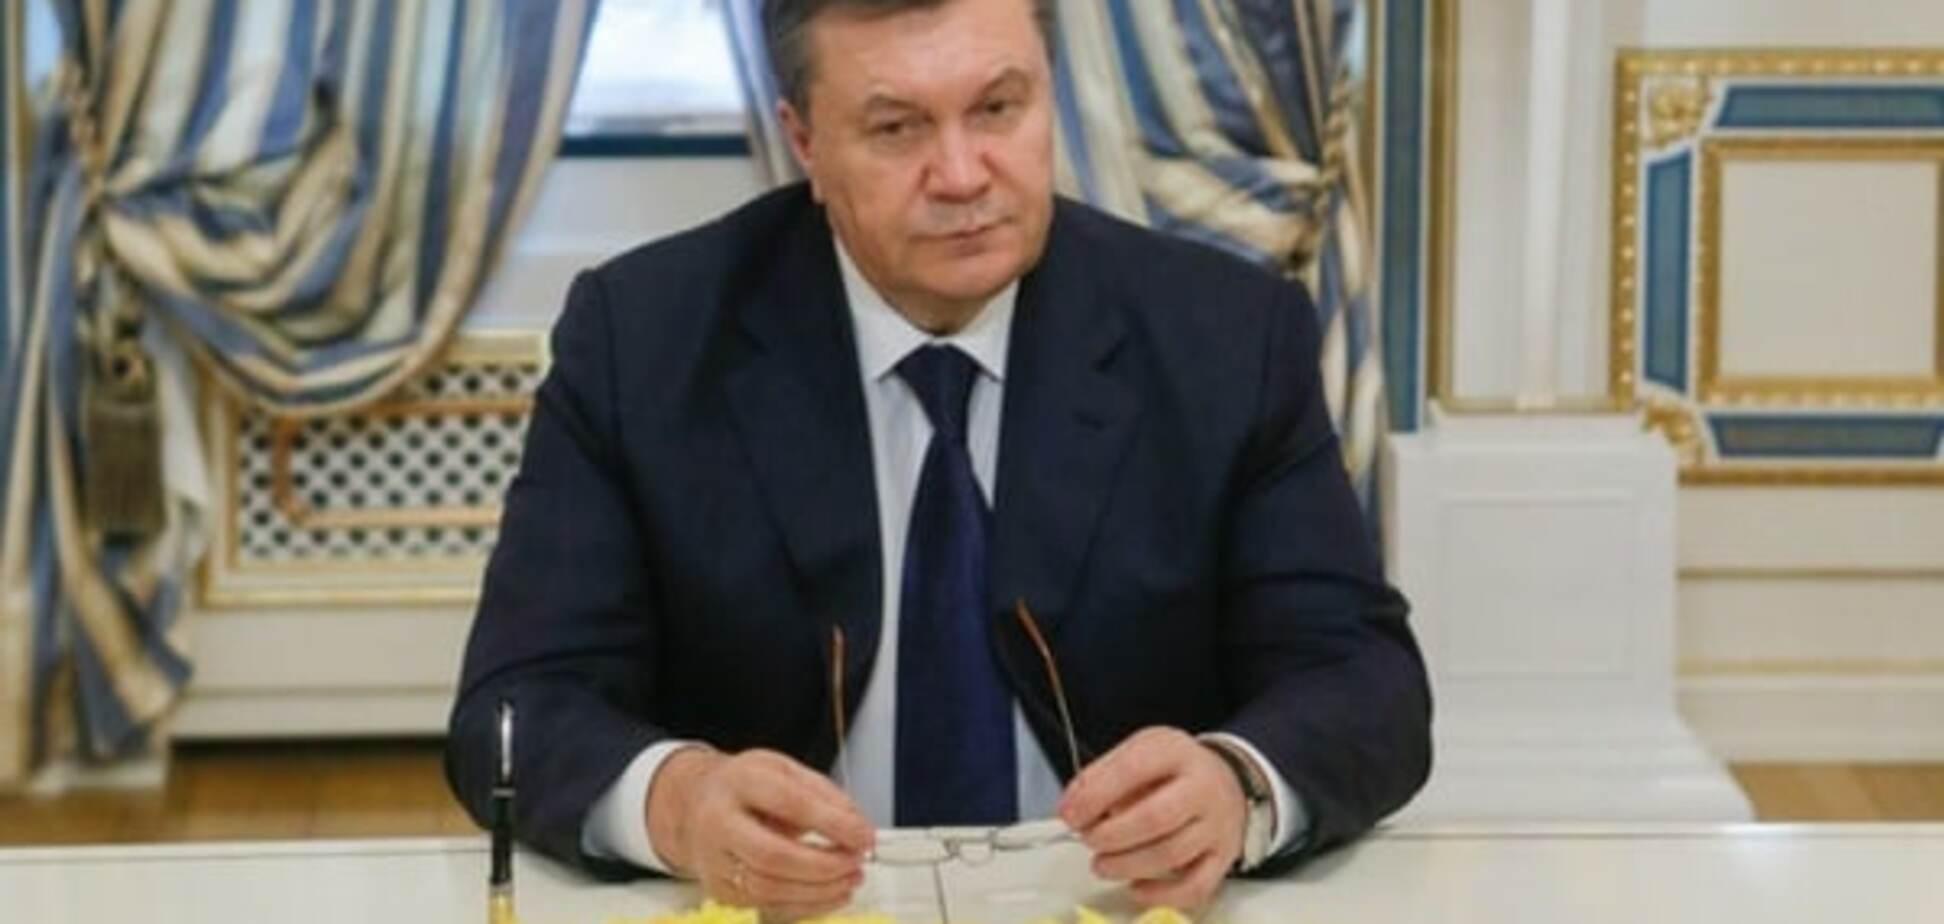 Янукович рассказал, что его ждет по приезду в Украину